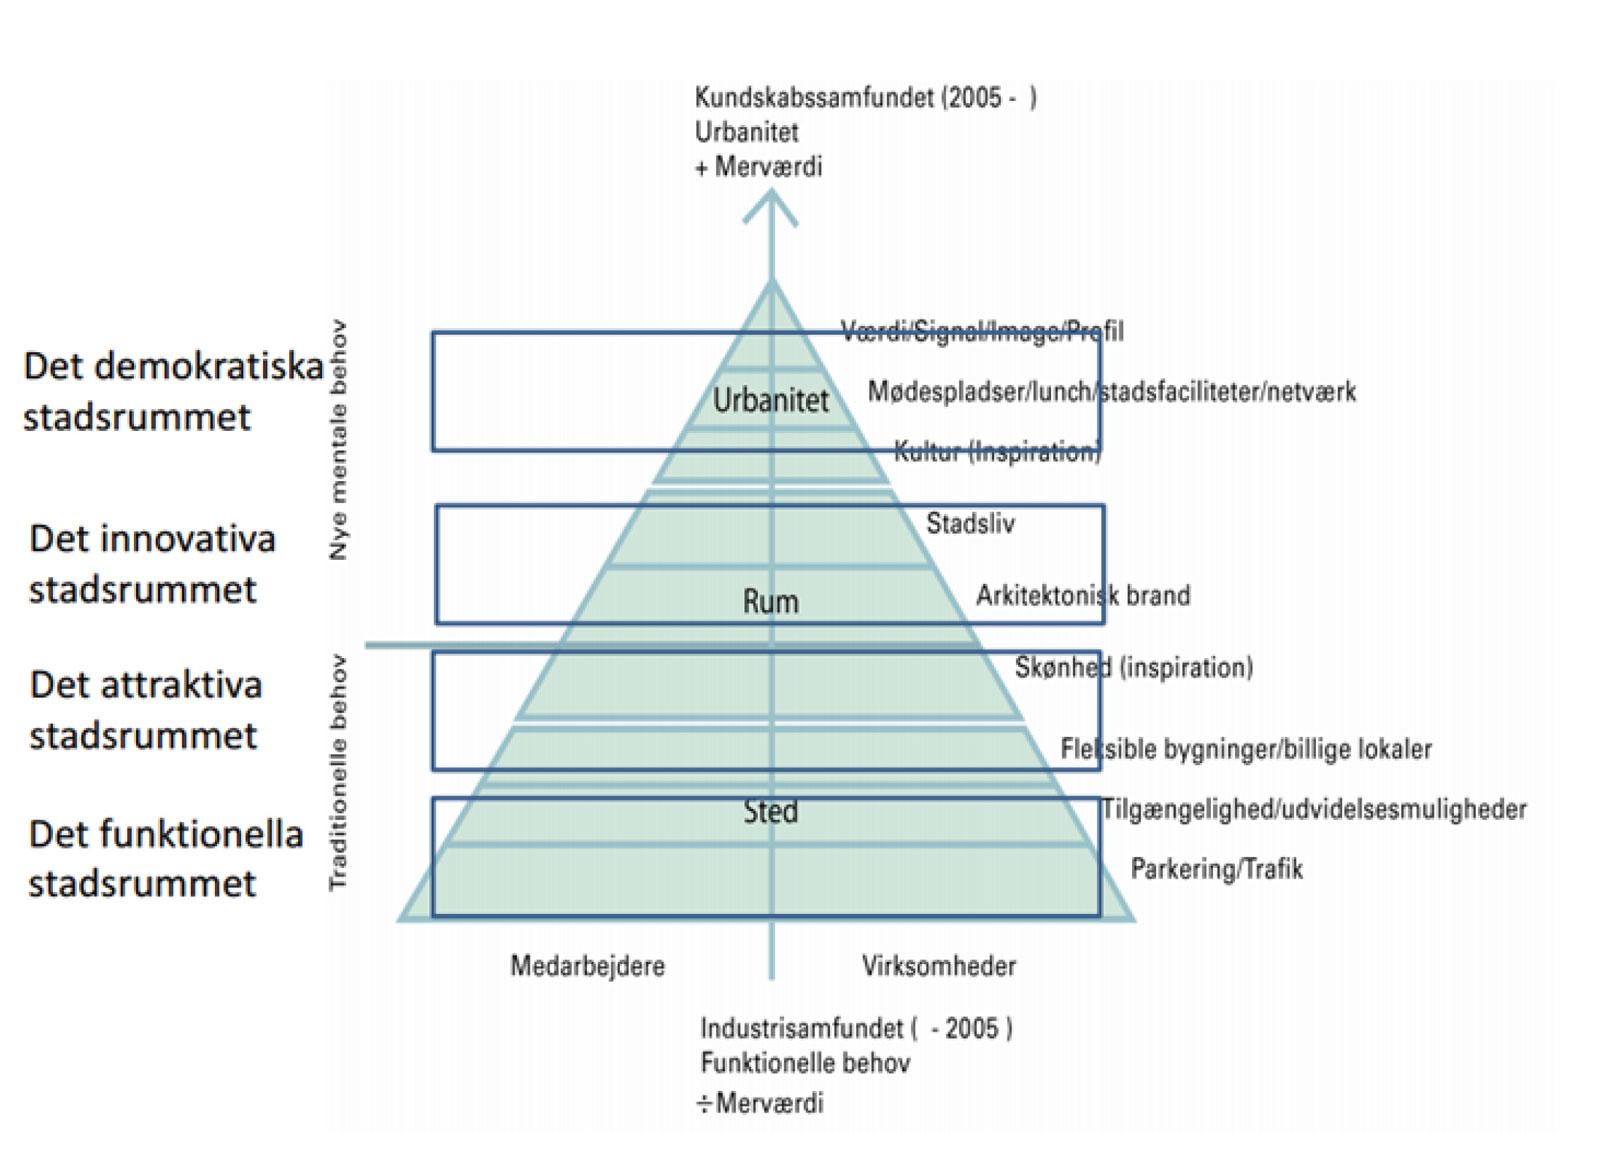 Som beskrivningsmodell för denna urbana transformationsprocess kan figuren - lokaliserings och behovspyramiden tjäna som vägledning. De är rörelsen över tiden från platsen över stadsrum och urbanitet som vi har försökt att kartlägga. Observera att det inte är enbart de av städerna valda projekten som är av intresse utan deras betydelse i transformationsprocessen